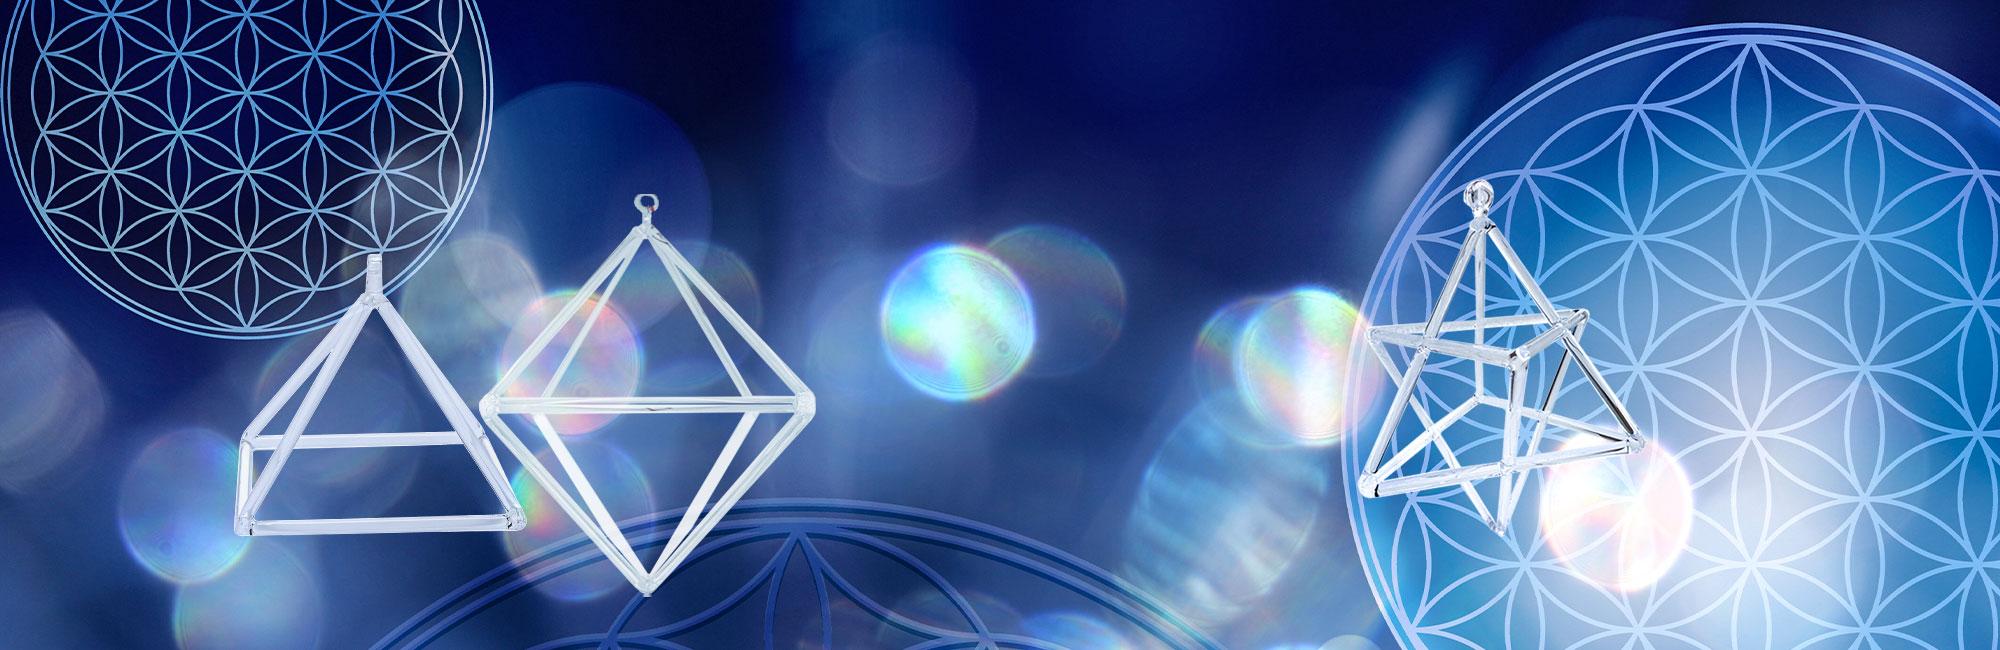 yramide double-pyramide et Merkabah de cristal CONSEILS d'utilisation